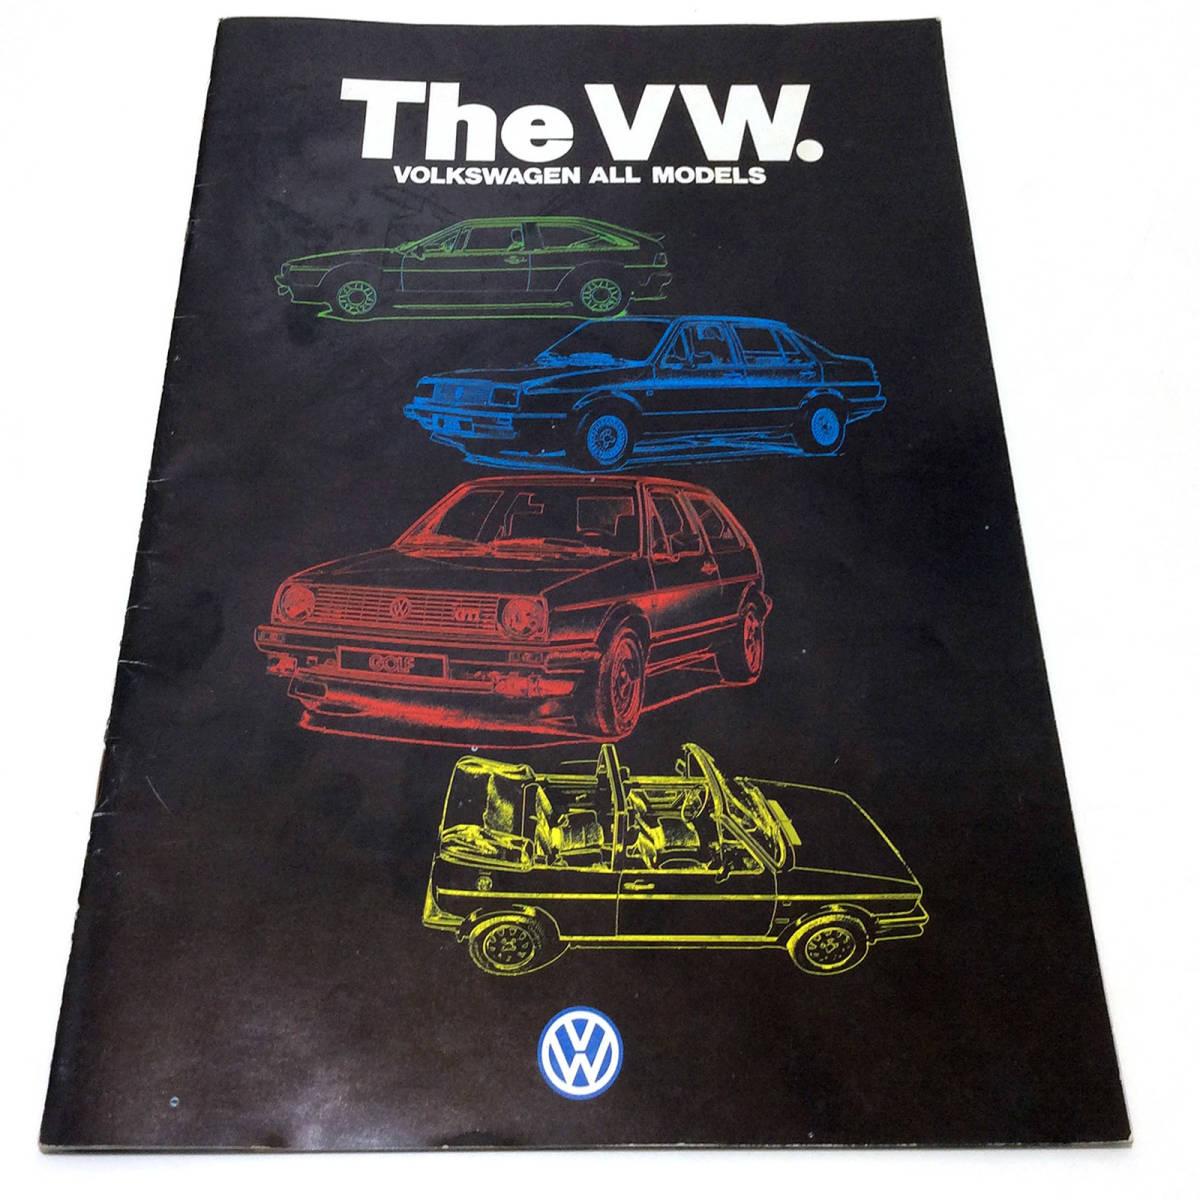 VW フォルクスワーゲン 全車種 カタログ (1986年-24頁、1986年のアクセサリー一覧-12頁、1989(推測)年-34頁の合計3冊)